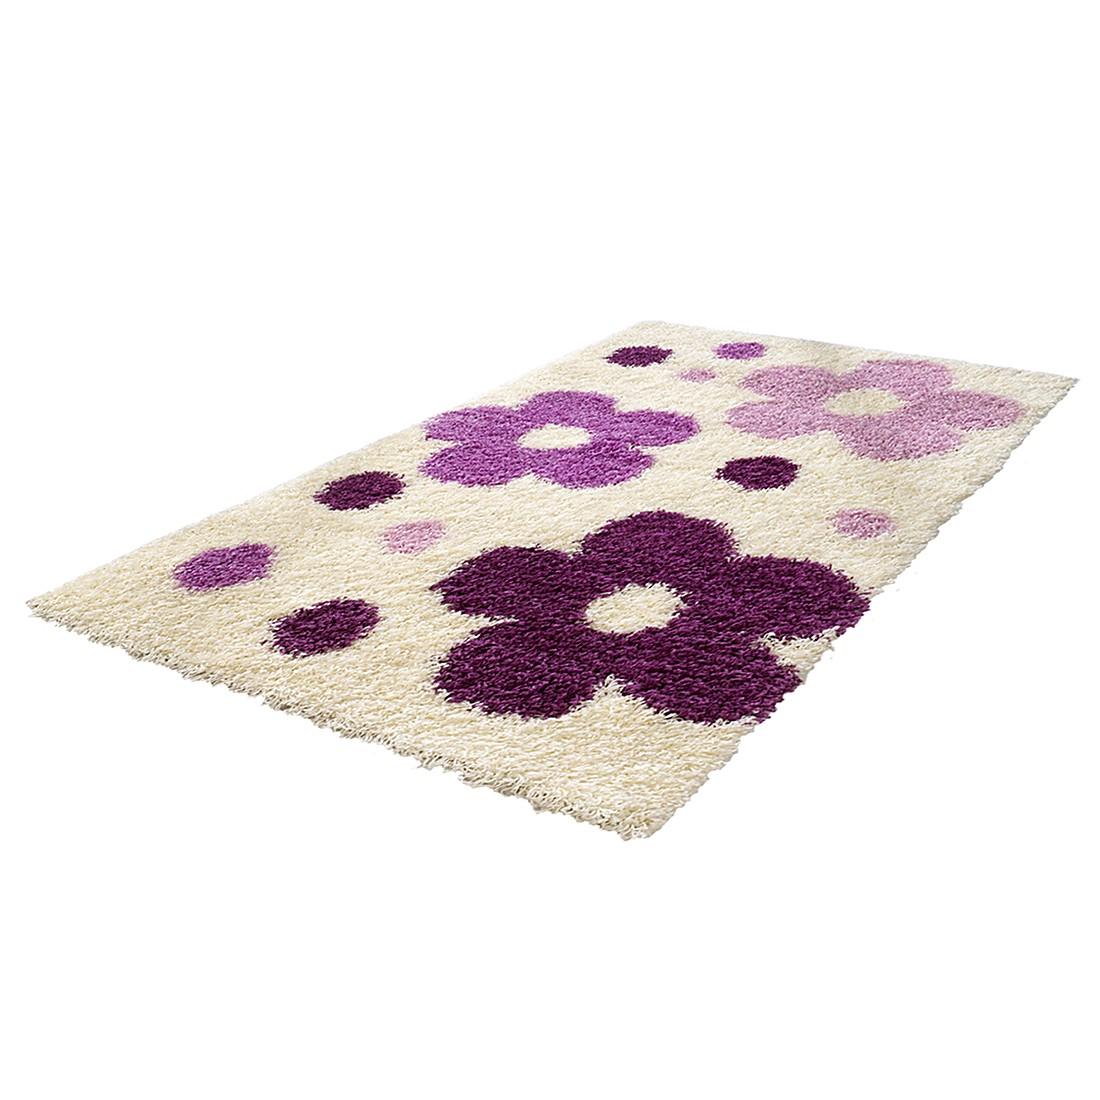 violette blumen preisvergleiche erfahrungsberichte und kauf bei nextag. Black Bedroom Furniture Sets. Home Design Ideas